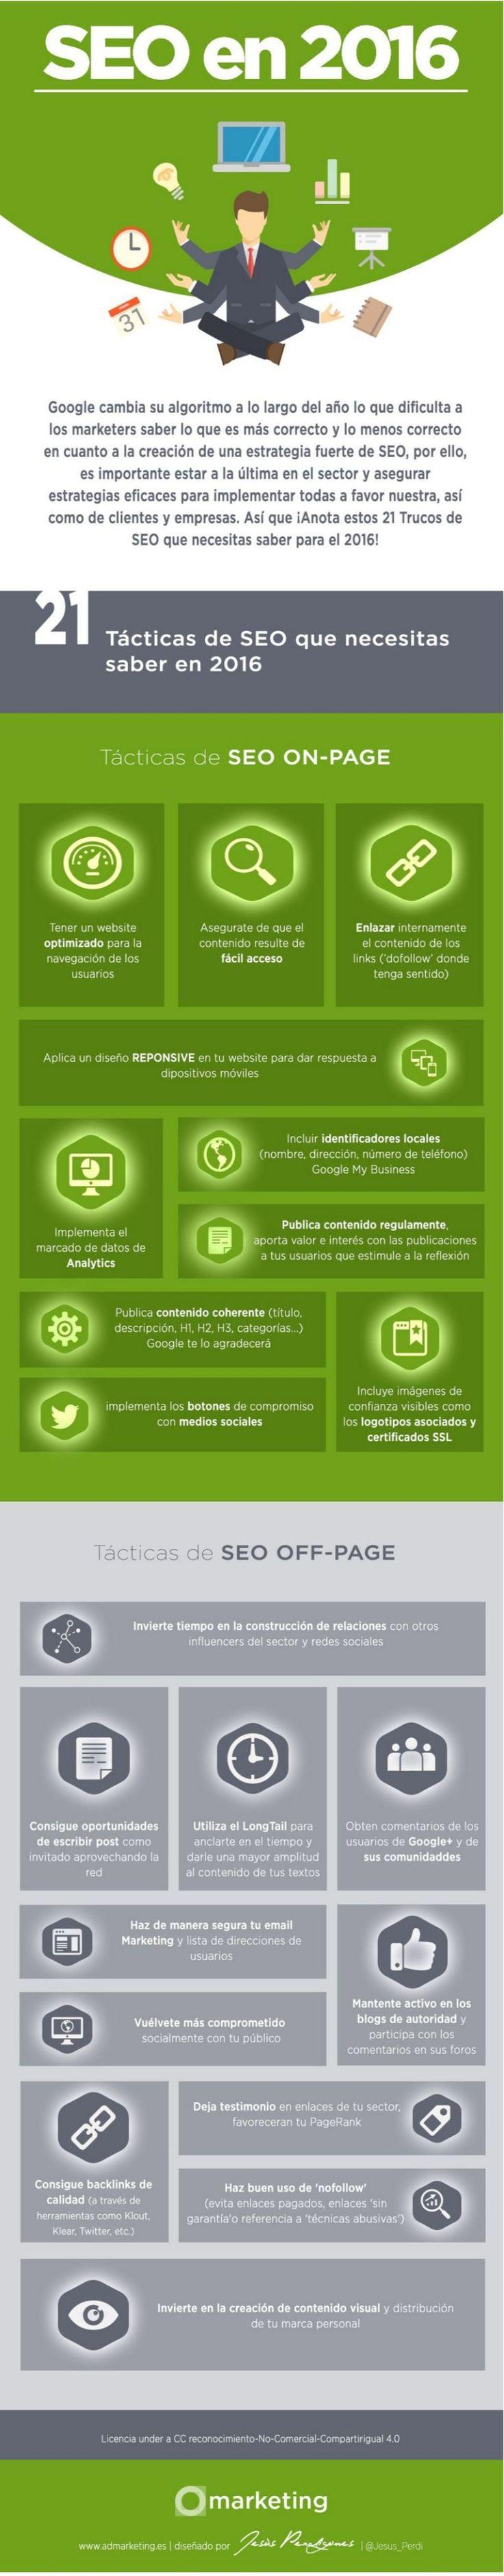 21 técnicas SEO 2016 que debes conocer. Infografía en español. #CommunityManager